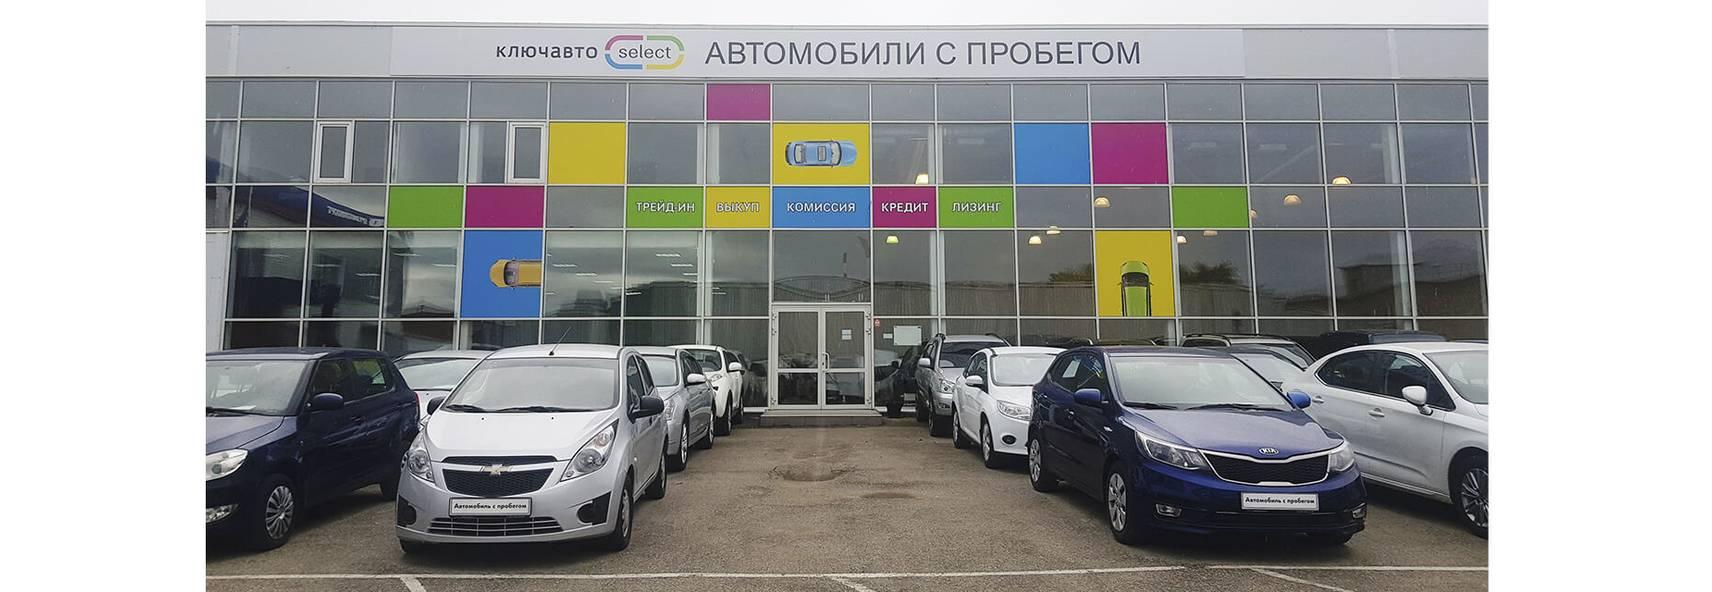 SELECT от КЛЮЧАВТО Пермь